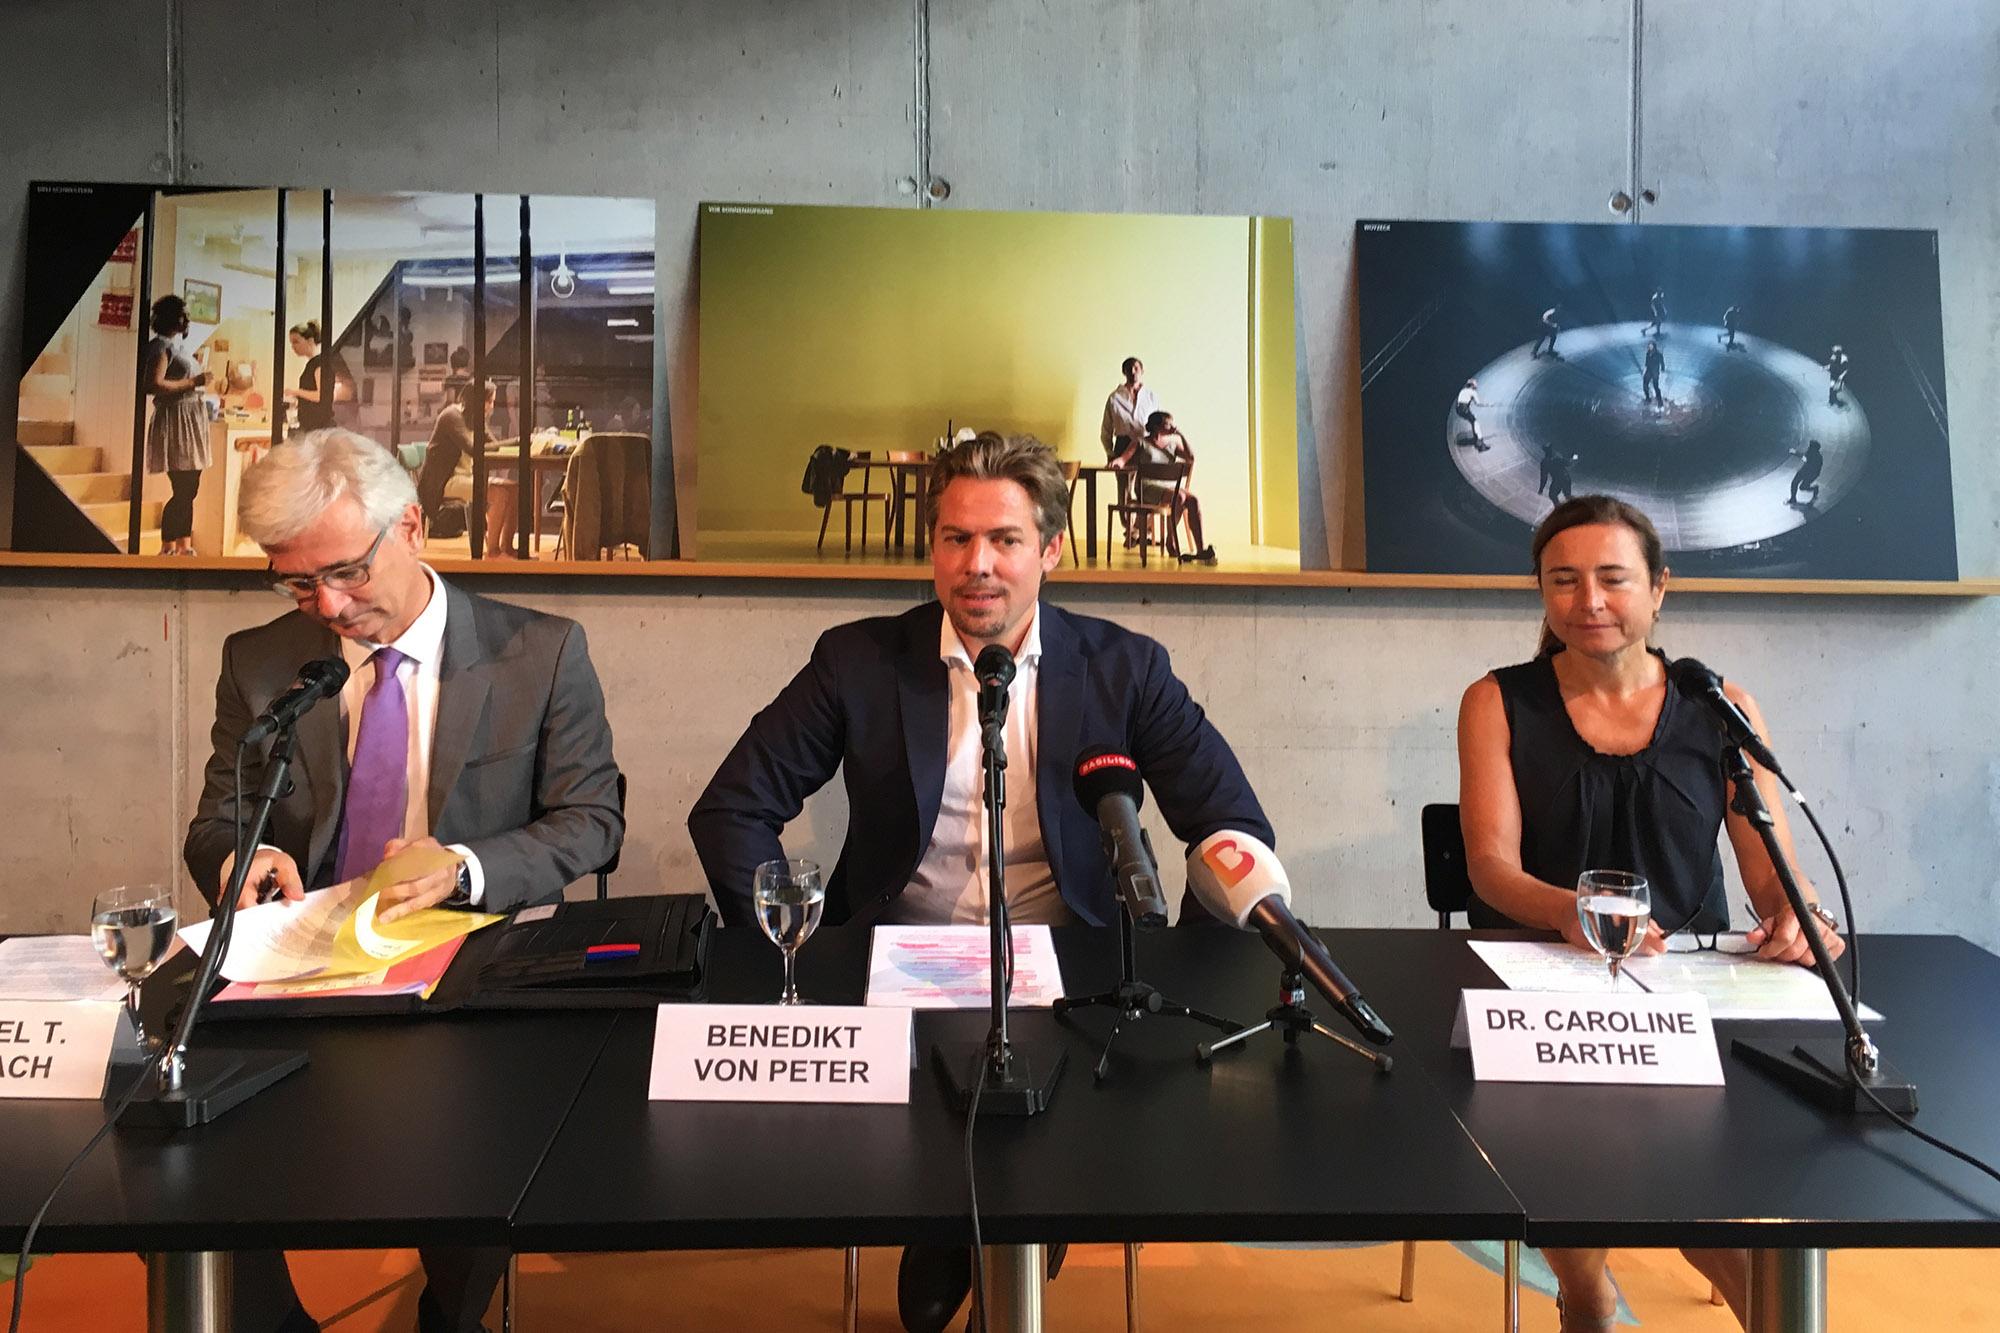 Basels neuer Theaterdirektor Benedikt von Peter, flankiert von Verwaltungsratspräsident Samuel Holzach und der Leiterin der